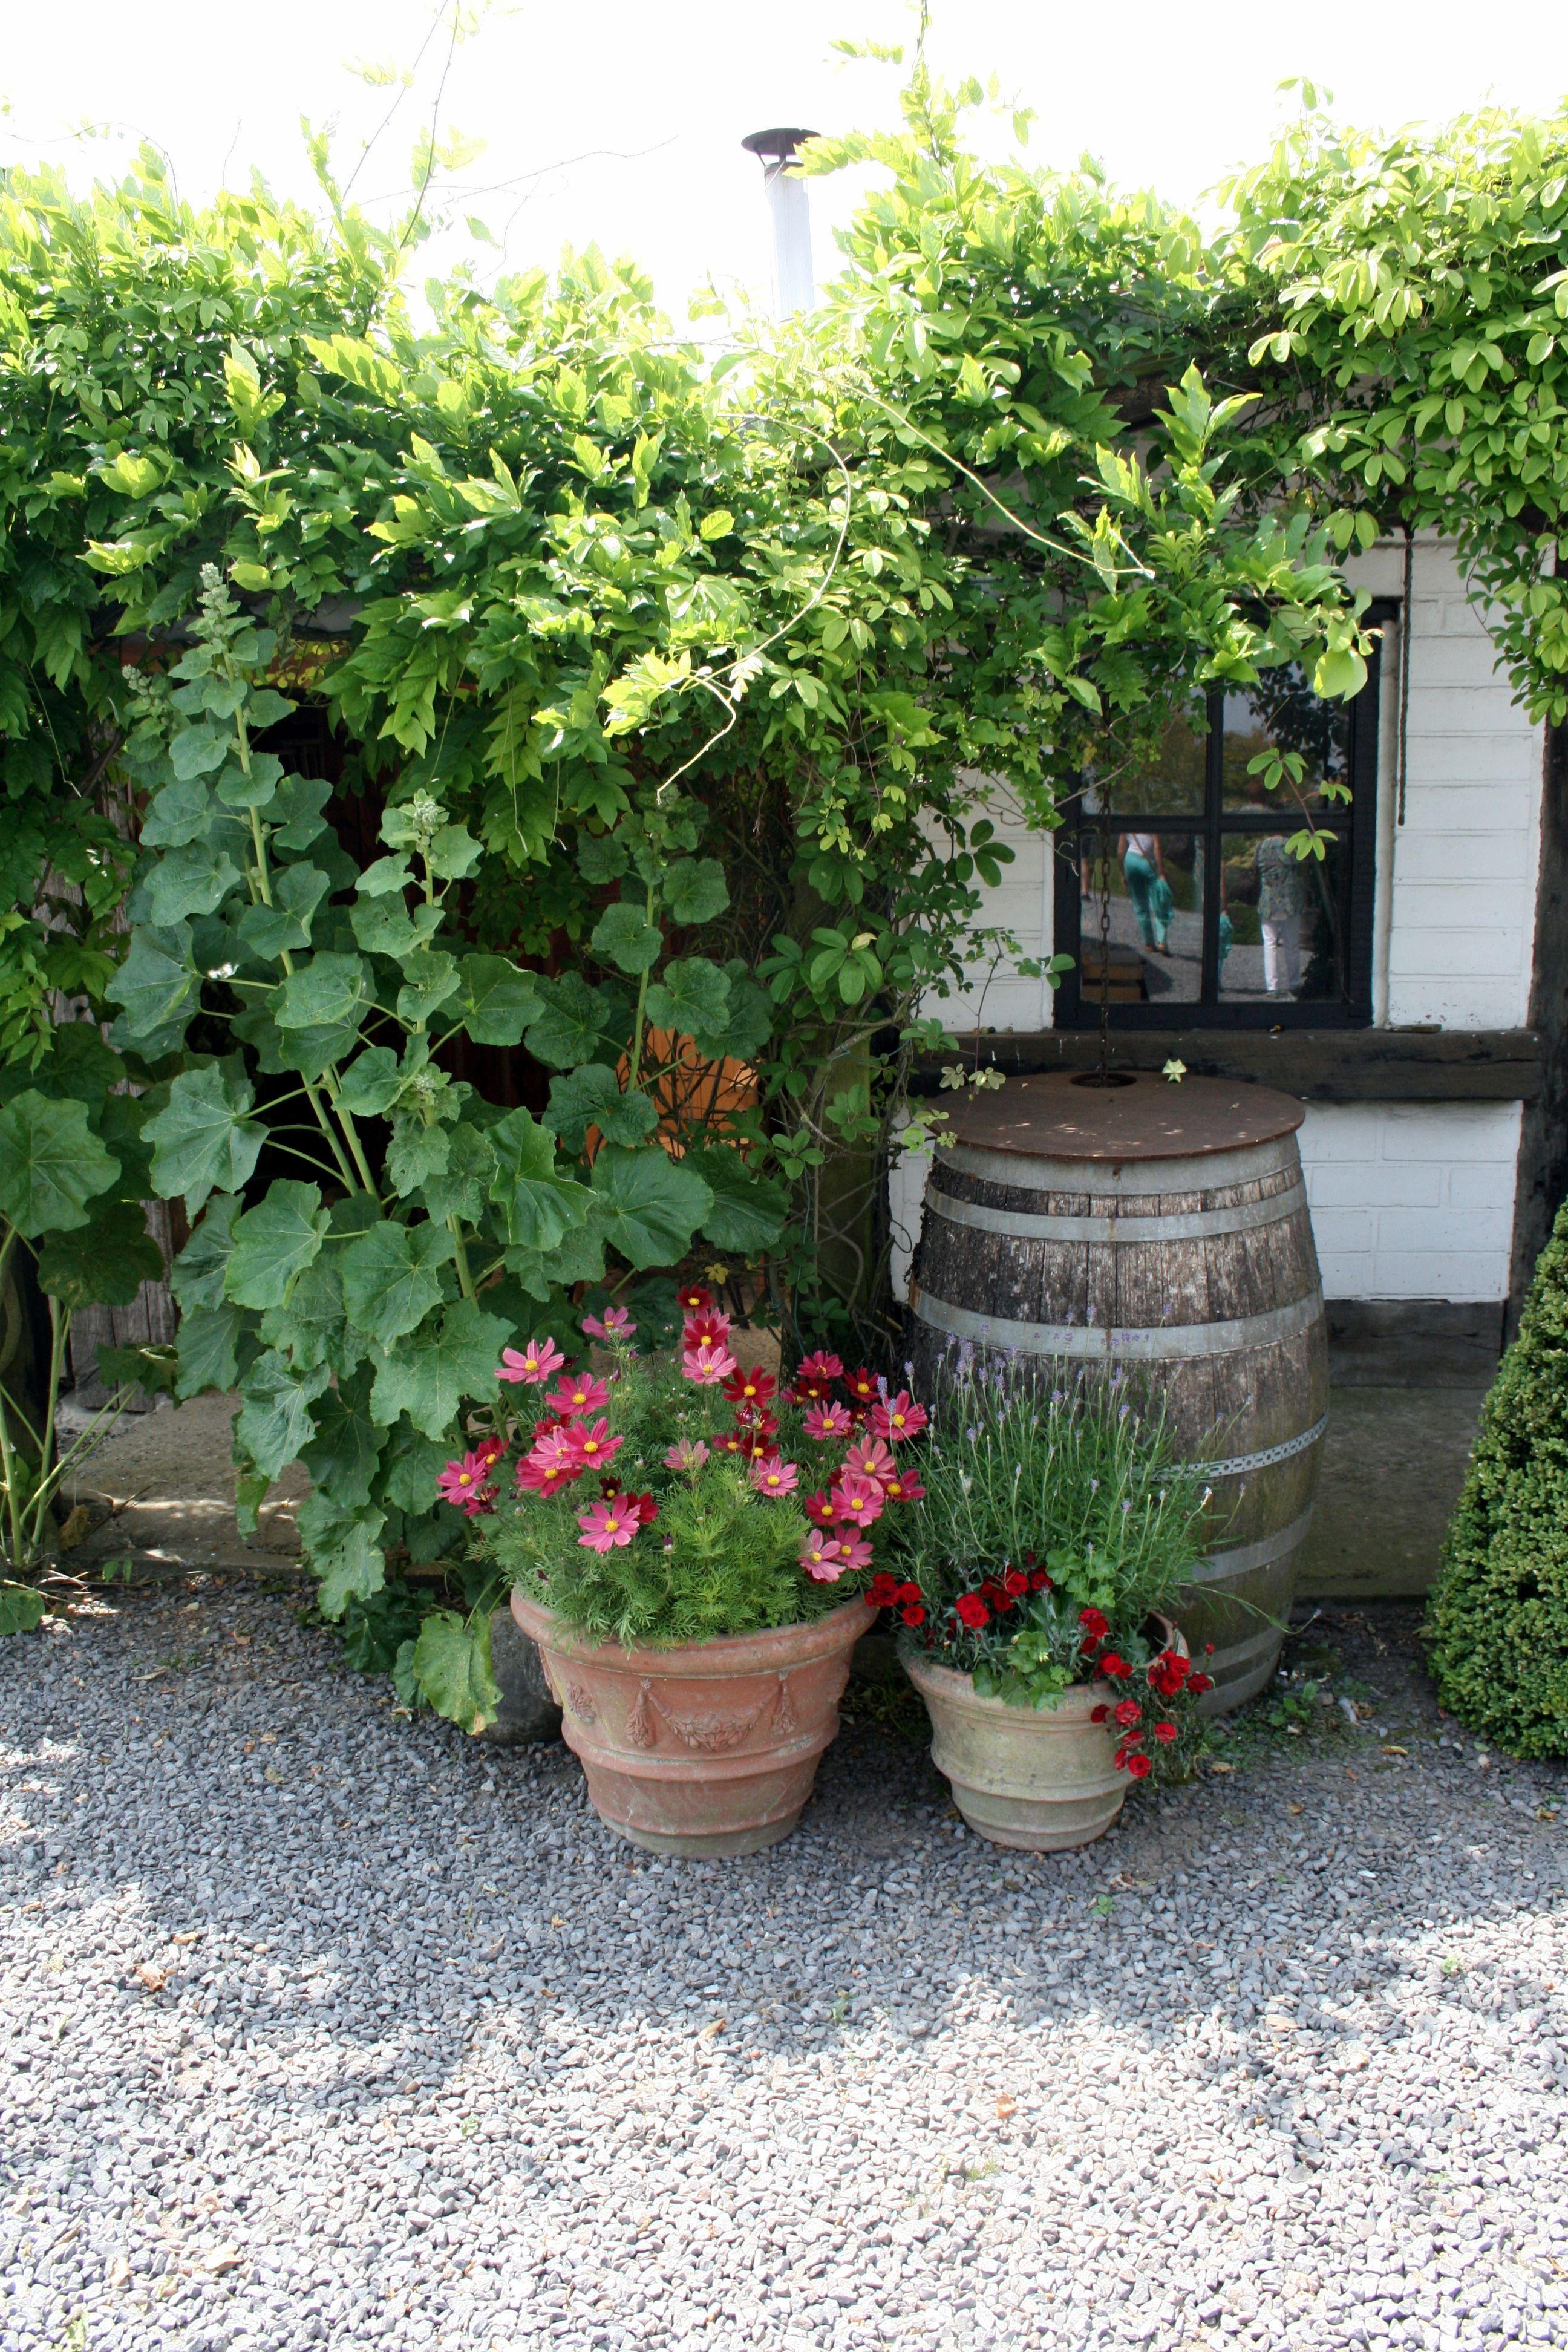 kleines topfgarten mit stil tolle images der bcdcddcccc